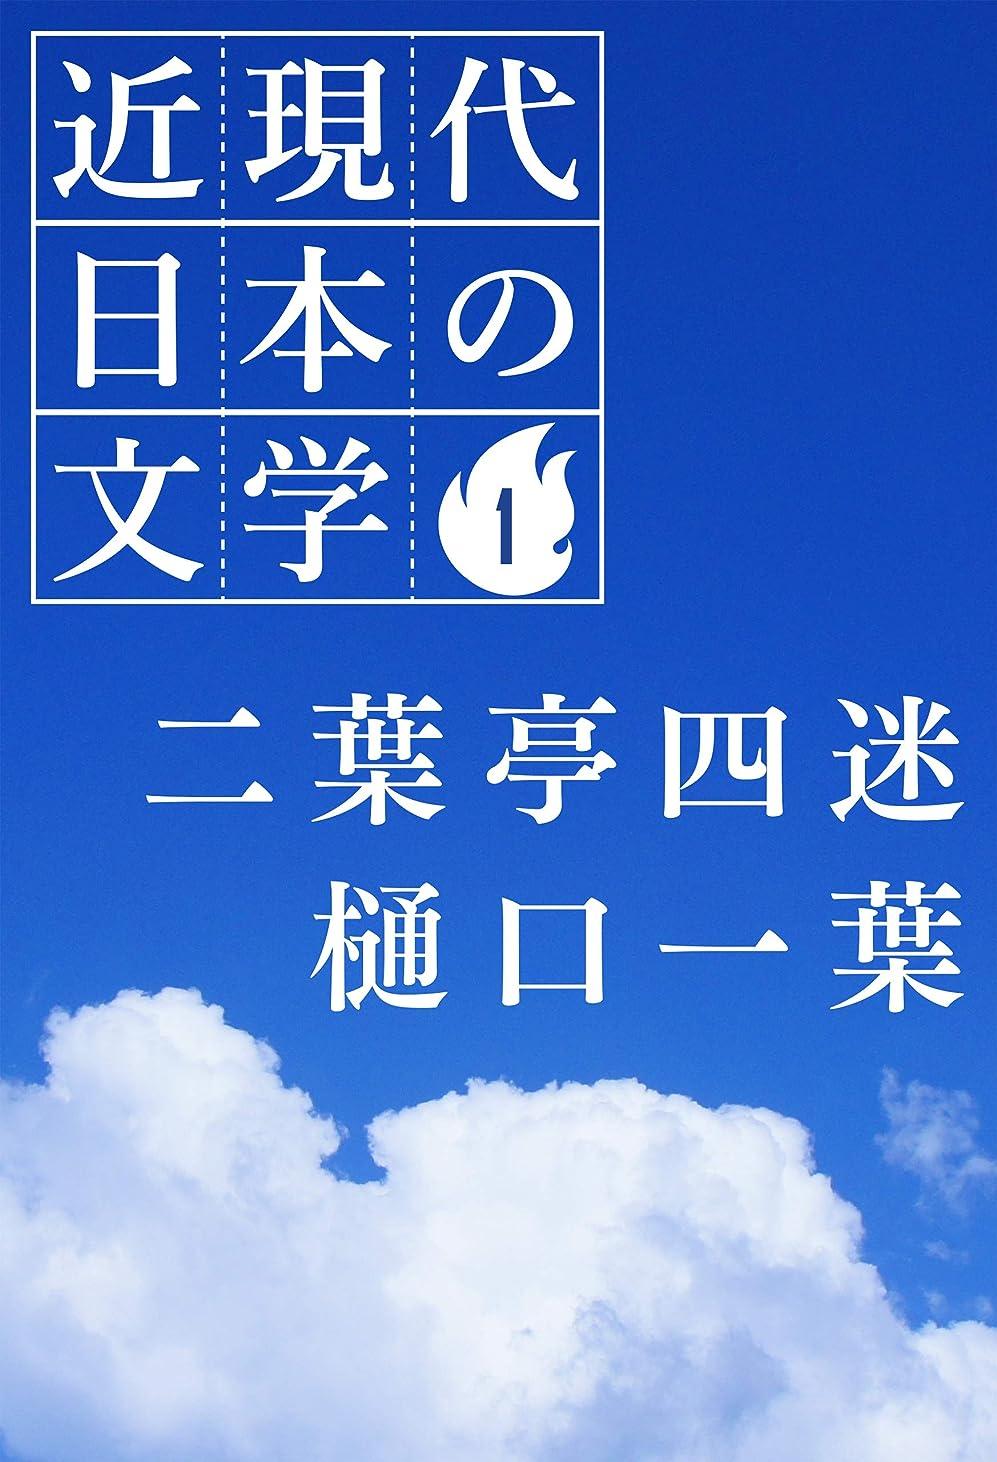 ベッドを作る地中海意味する1 二葉亭四迷 樋口一葉 近現代日本の文学